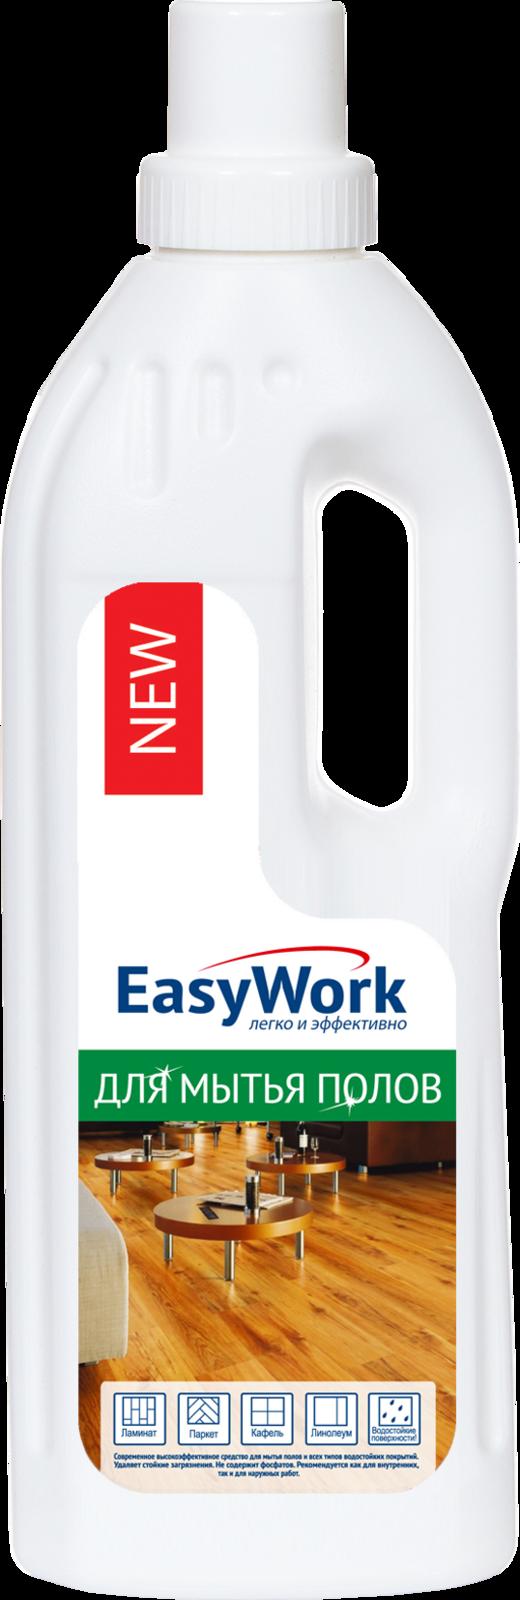 Средство для мытья пола EasyWork, 303422, 750 мл meine liebe универсальное средство для мытья пола антибактериальный эффект 750 мл